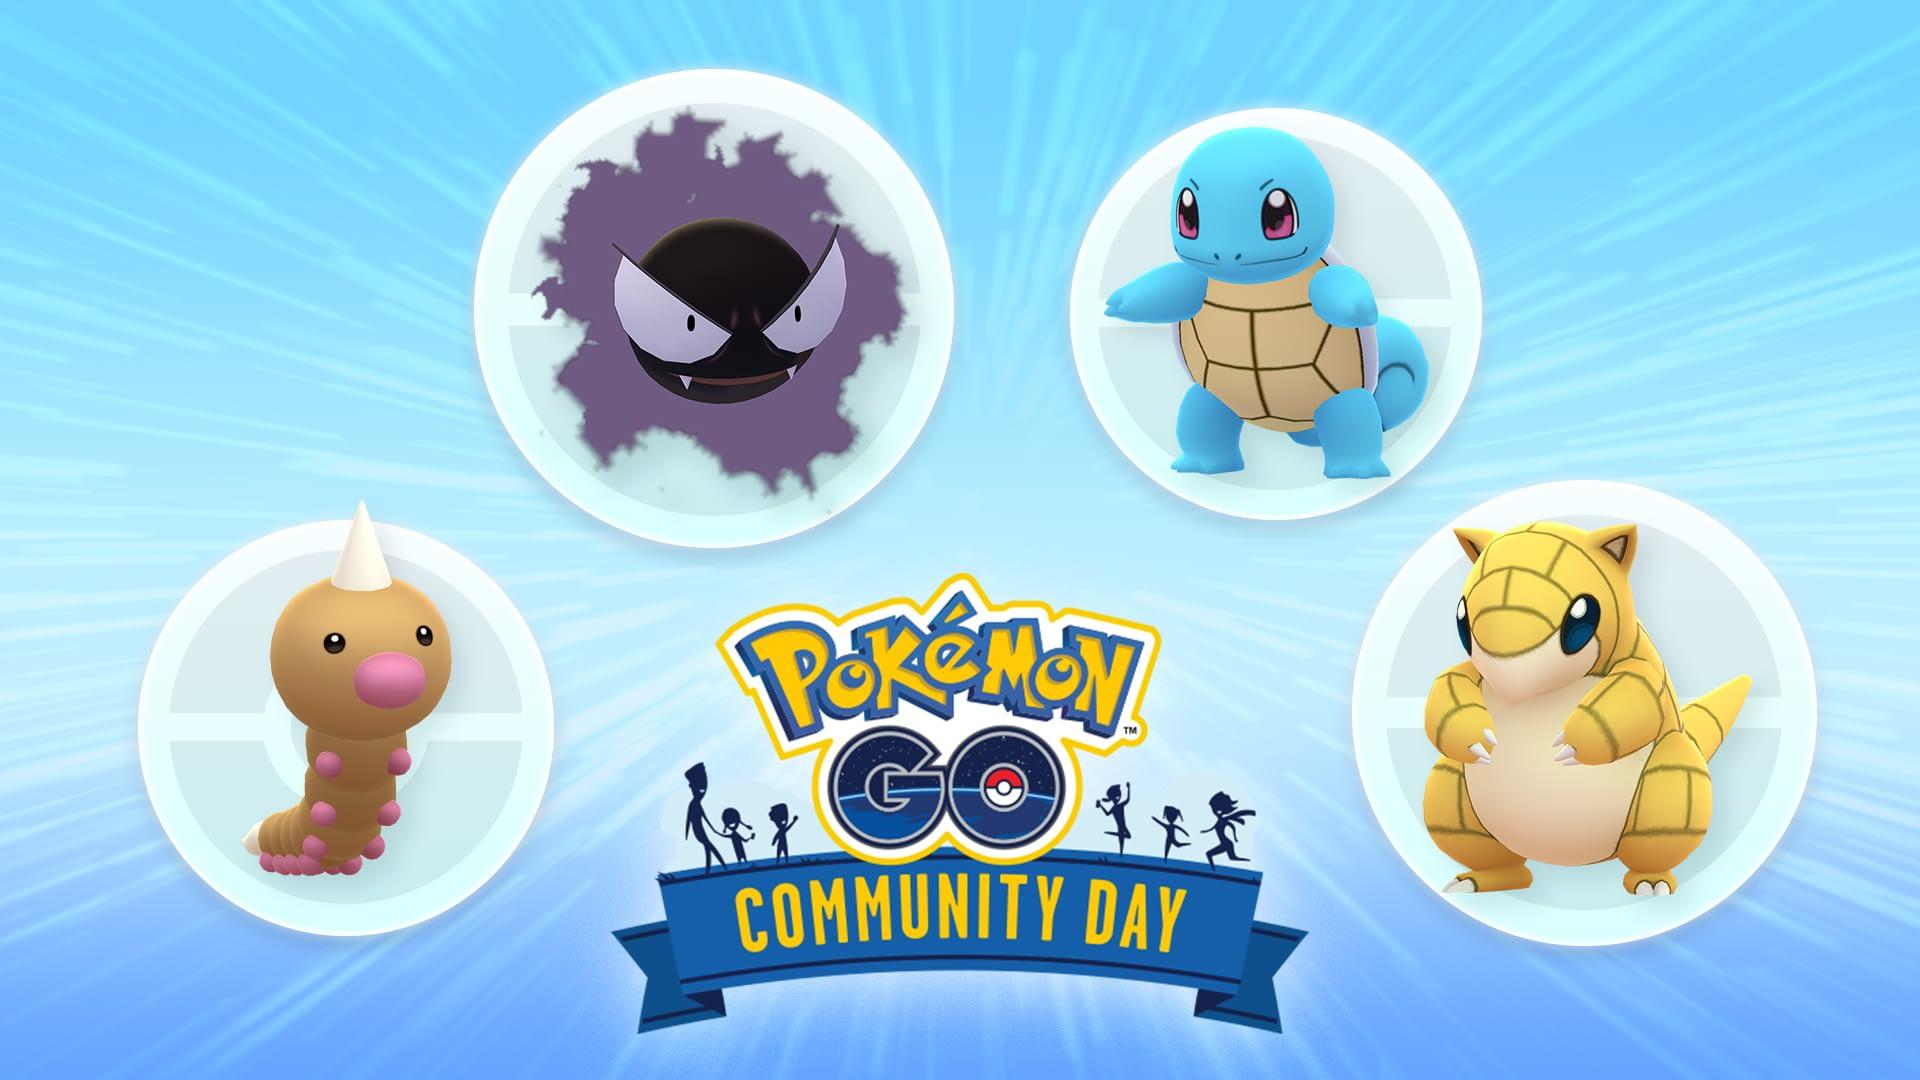 Pokemon Community Day